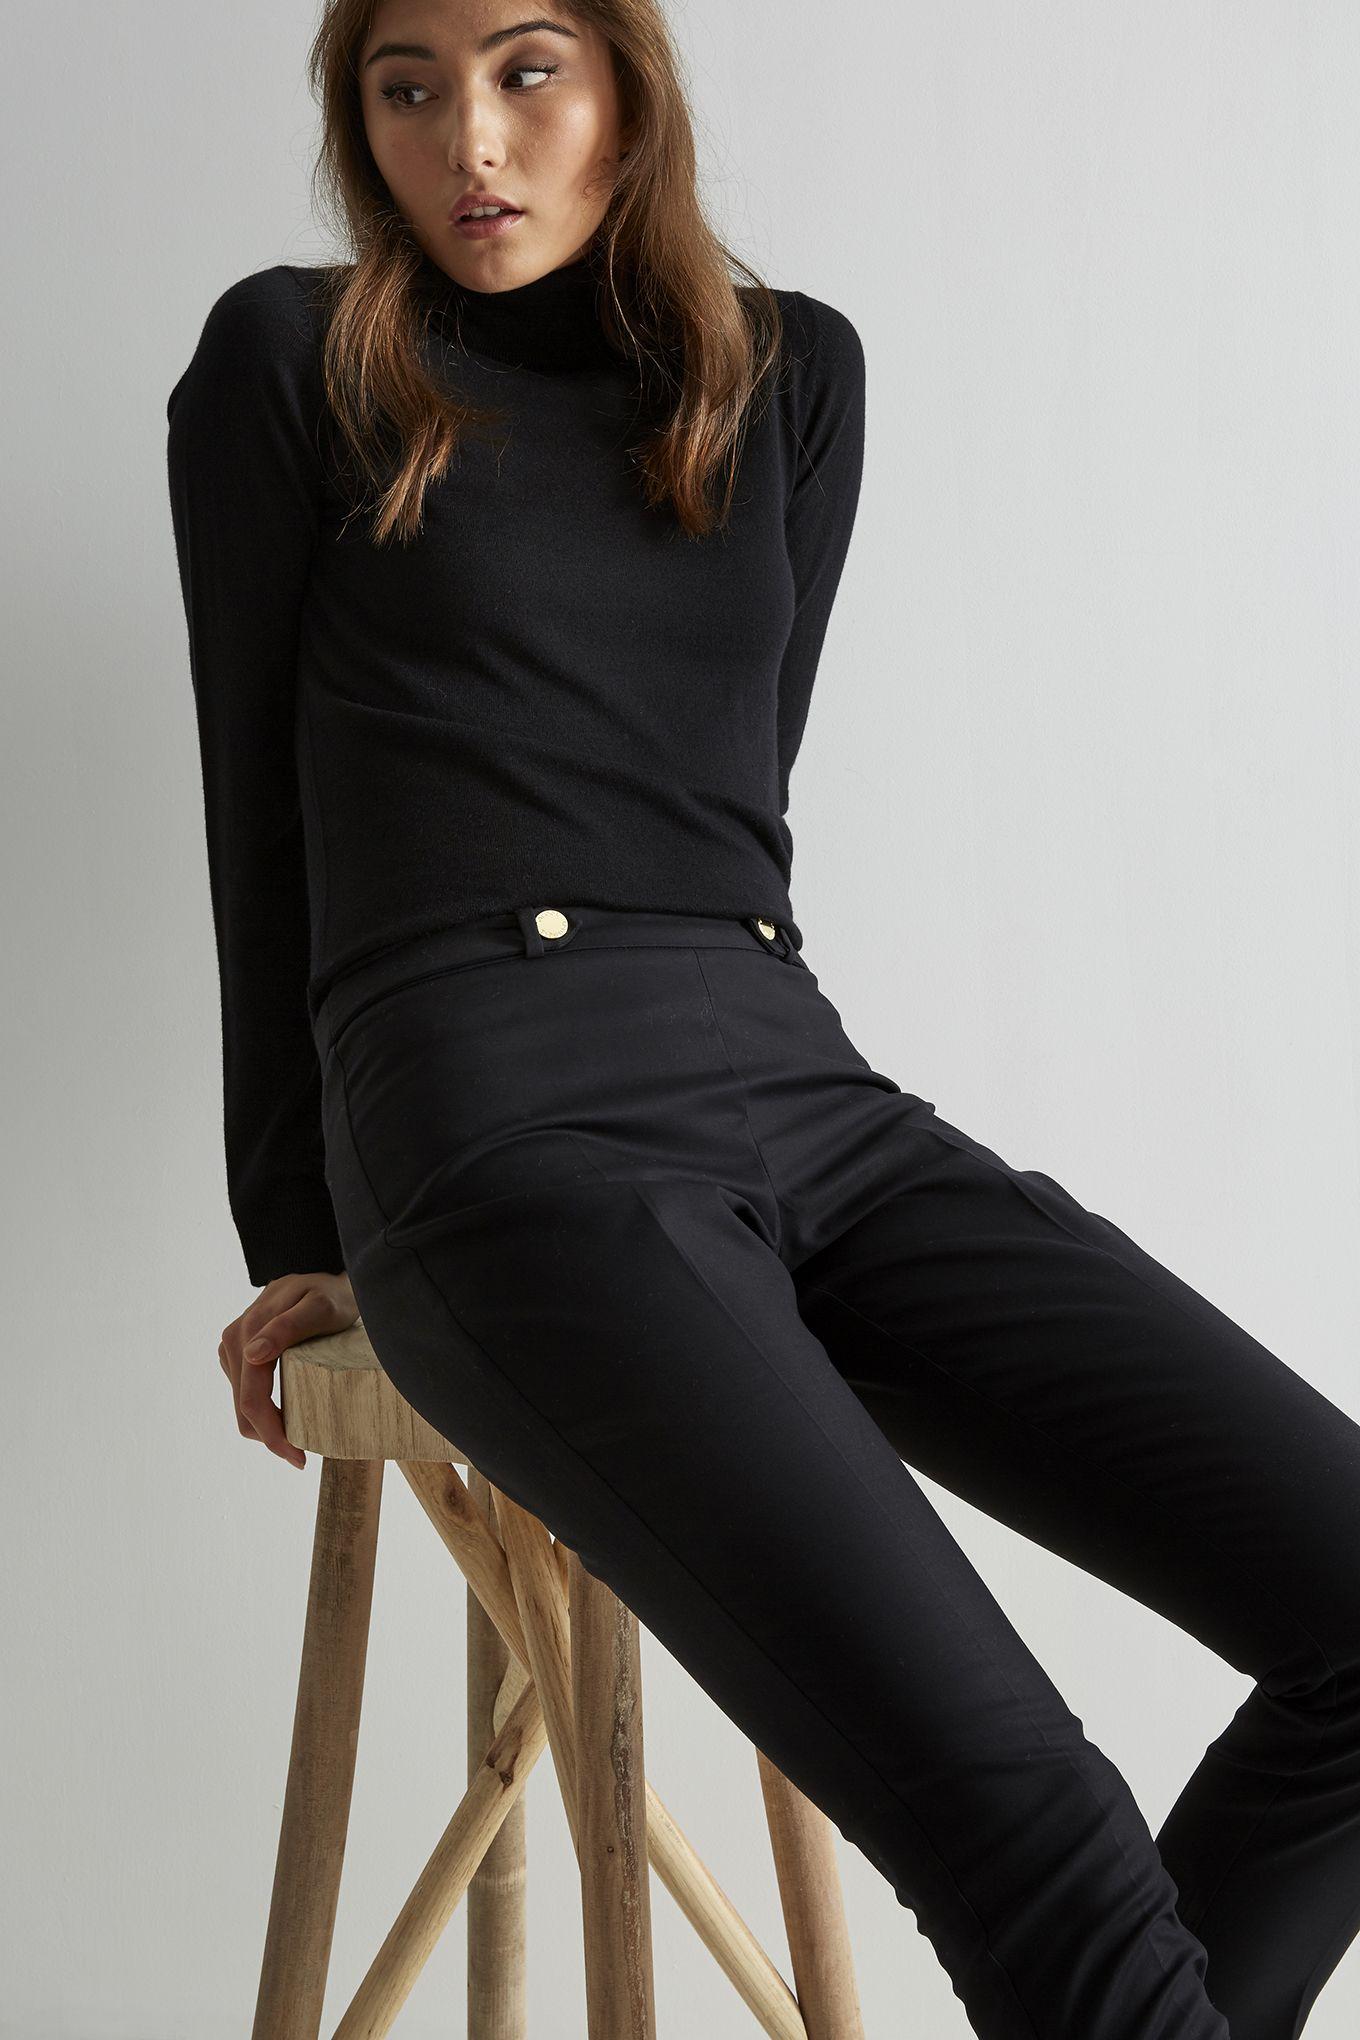 Women s Polo Neck Knitwear